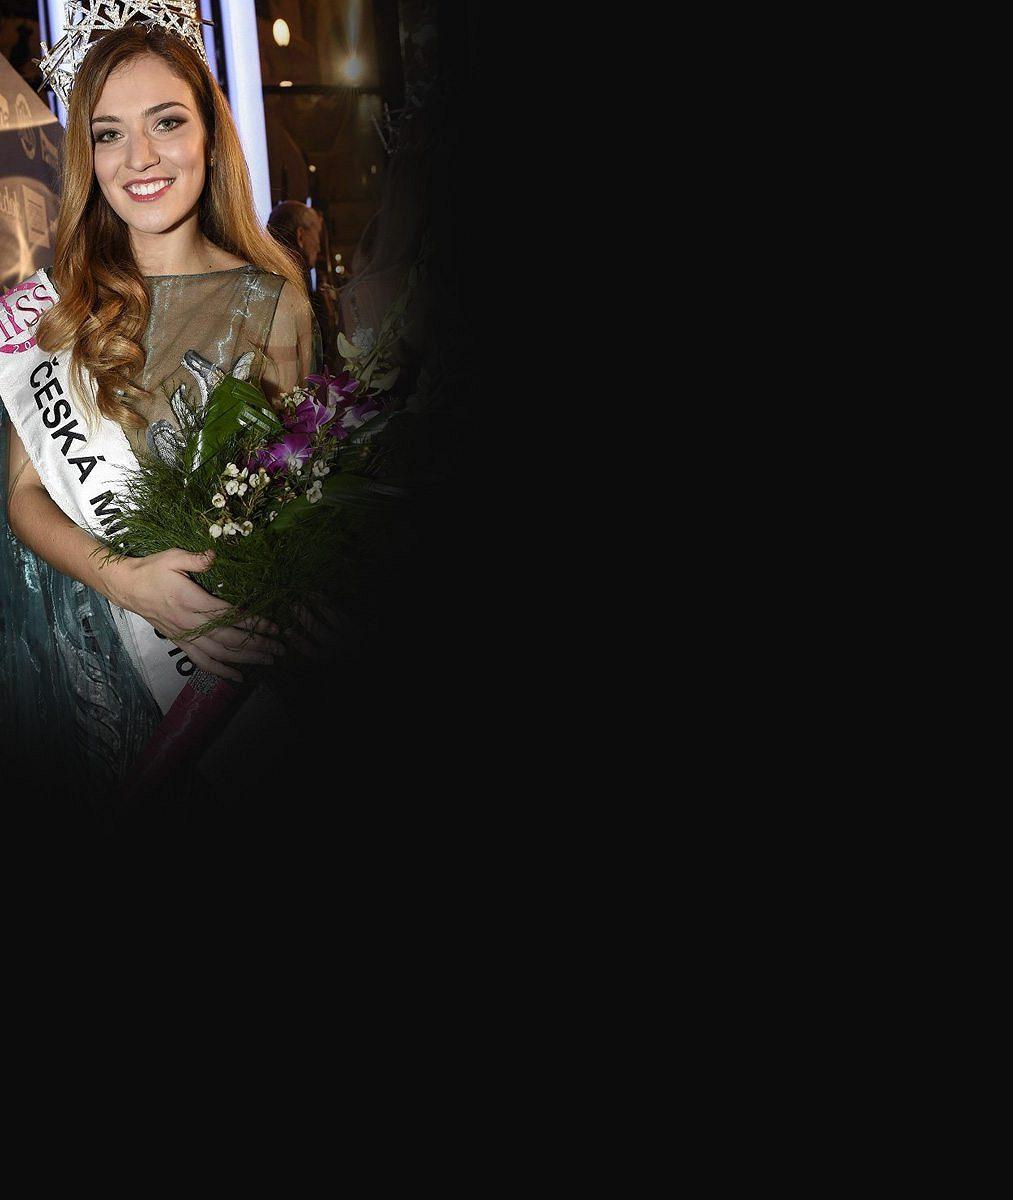 Pokud se zraní, tak Česká Miss hlady neumře. Nohy má pojištěné na astronomicky vysokou částku